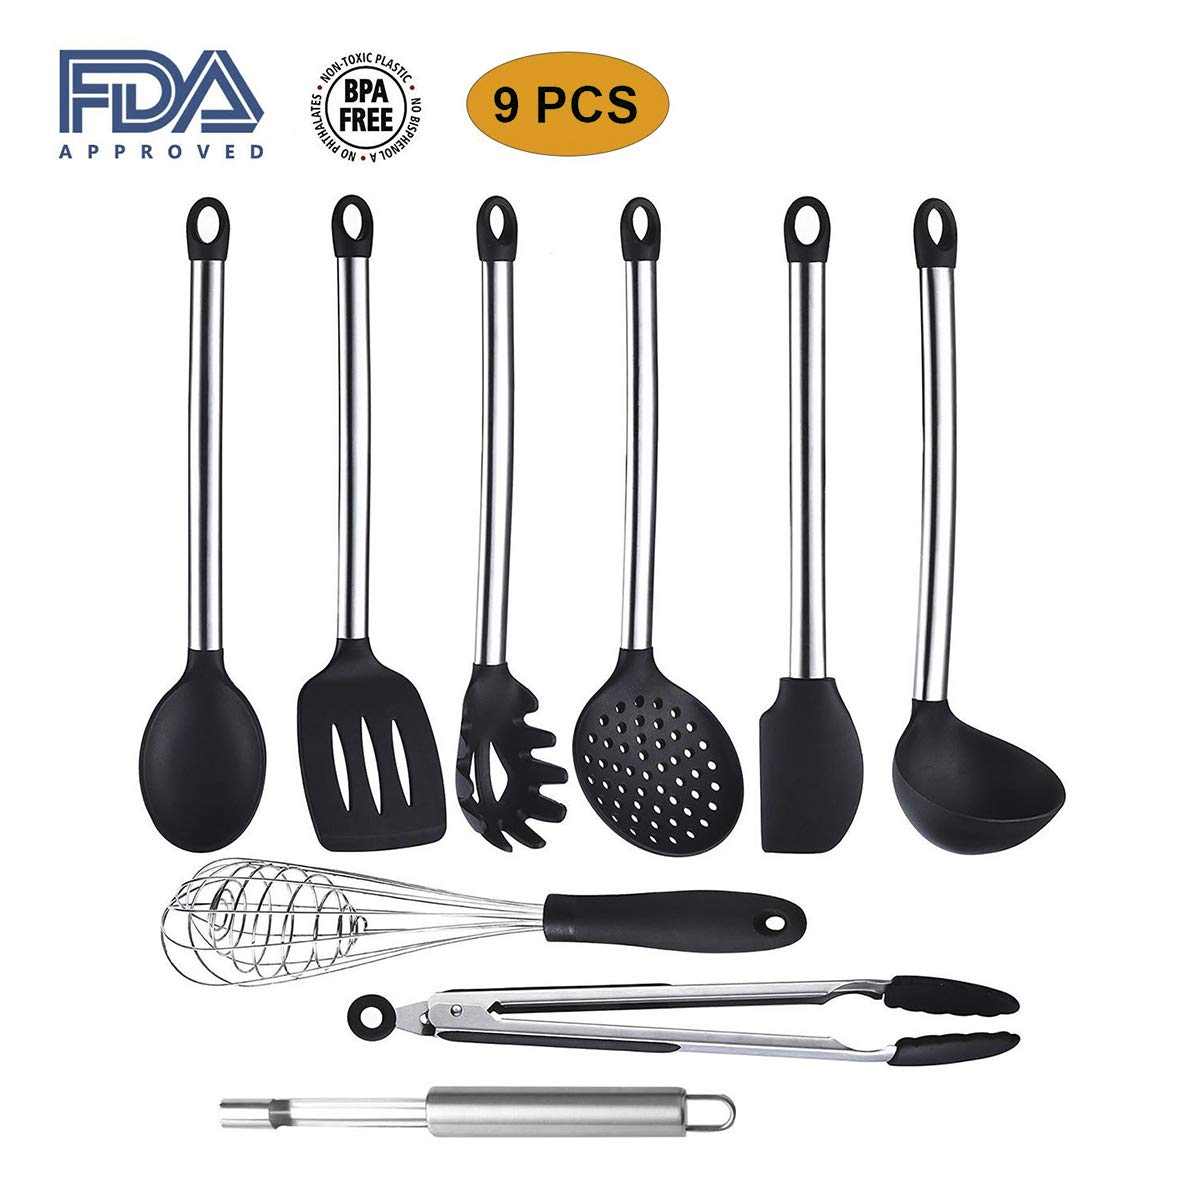 ofun Utensilios de cocina, set de 9 silicona Utensilios de cocina, utensilios de cocina resistente al calor NONSTICK silicona Utensil Back Herramientas, ...